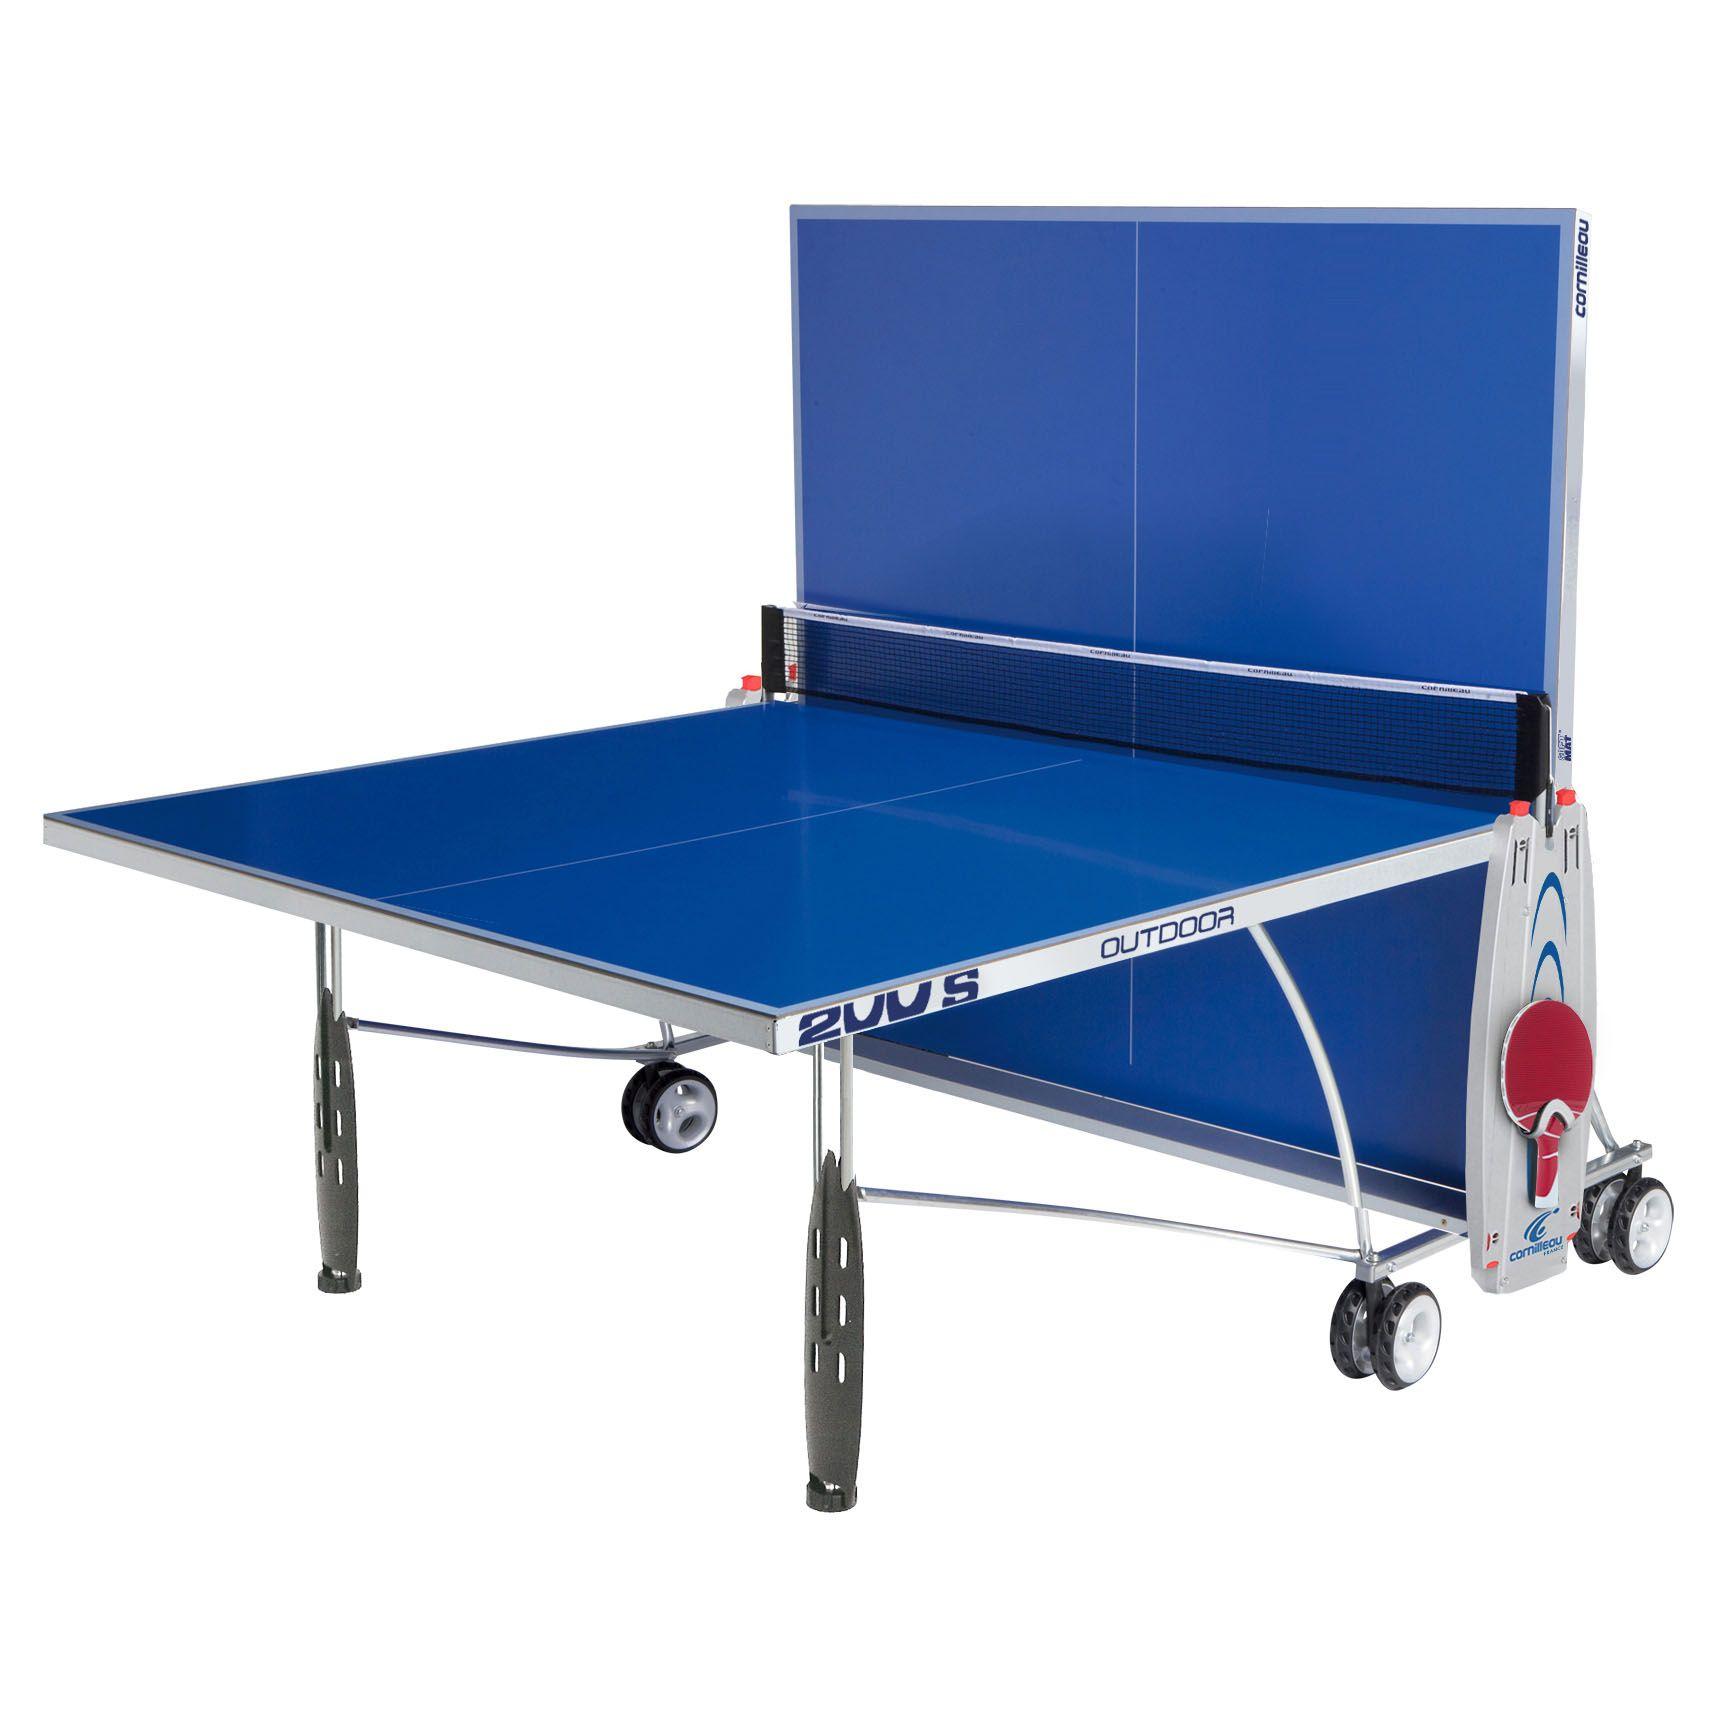 Cornilleau sport 200s rollaway outdoor table tennis table - Cornilleau outdoor table tennis cover ...